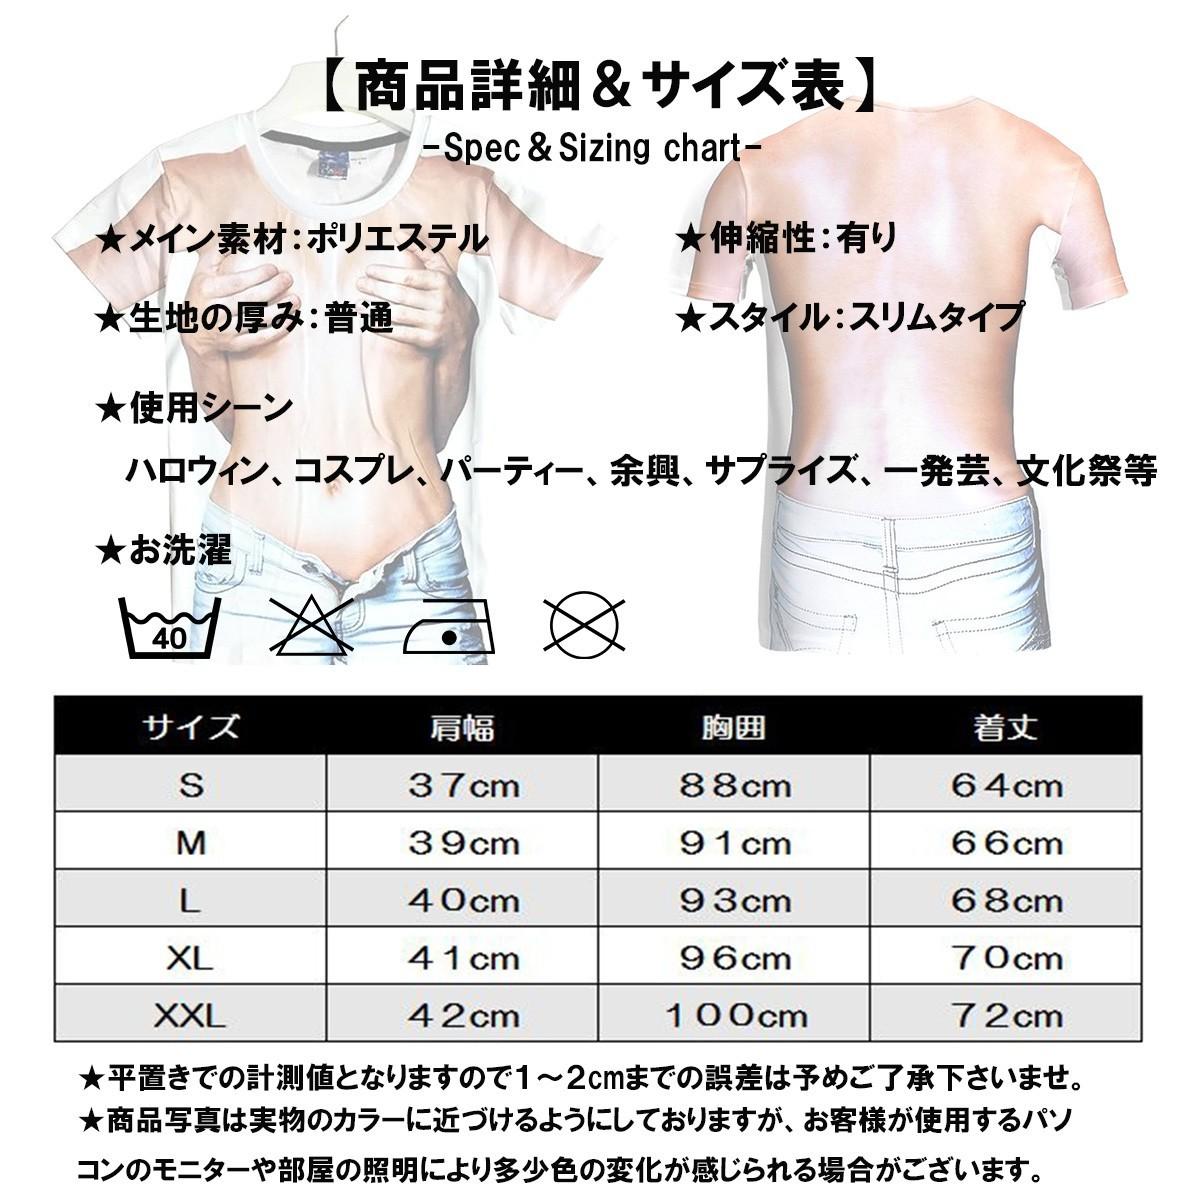 女性 セクシー おもしろ Tシャツ レディース コスプレ グッズ 衣装 (S)